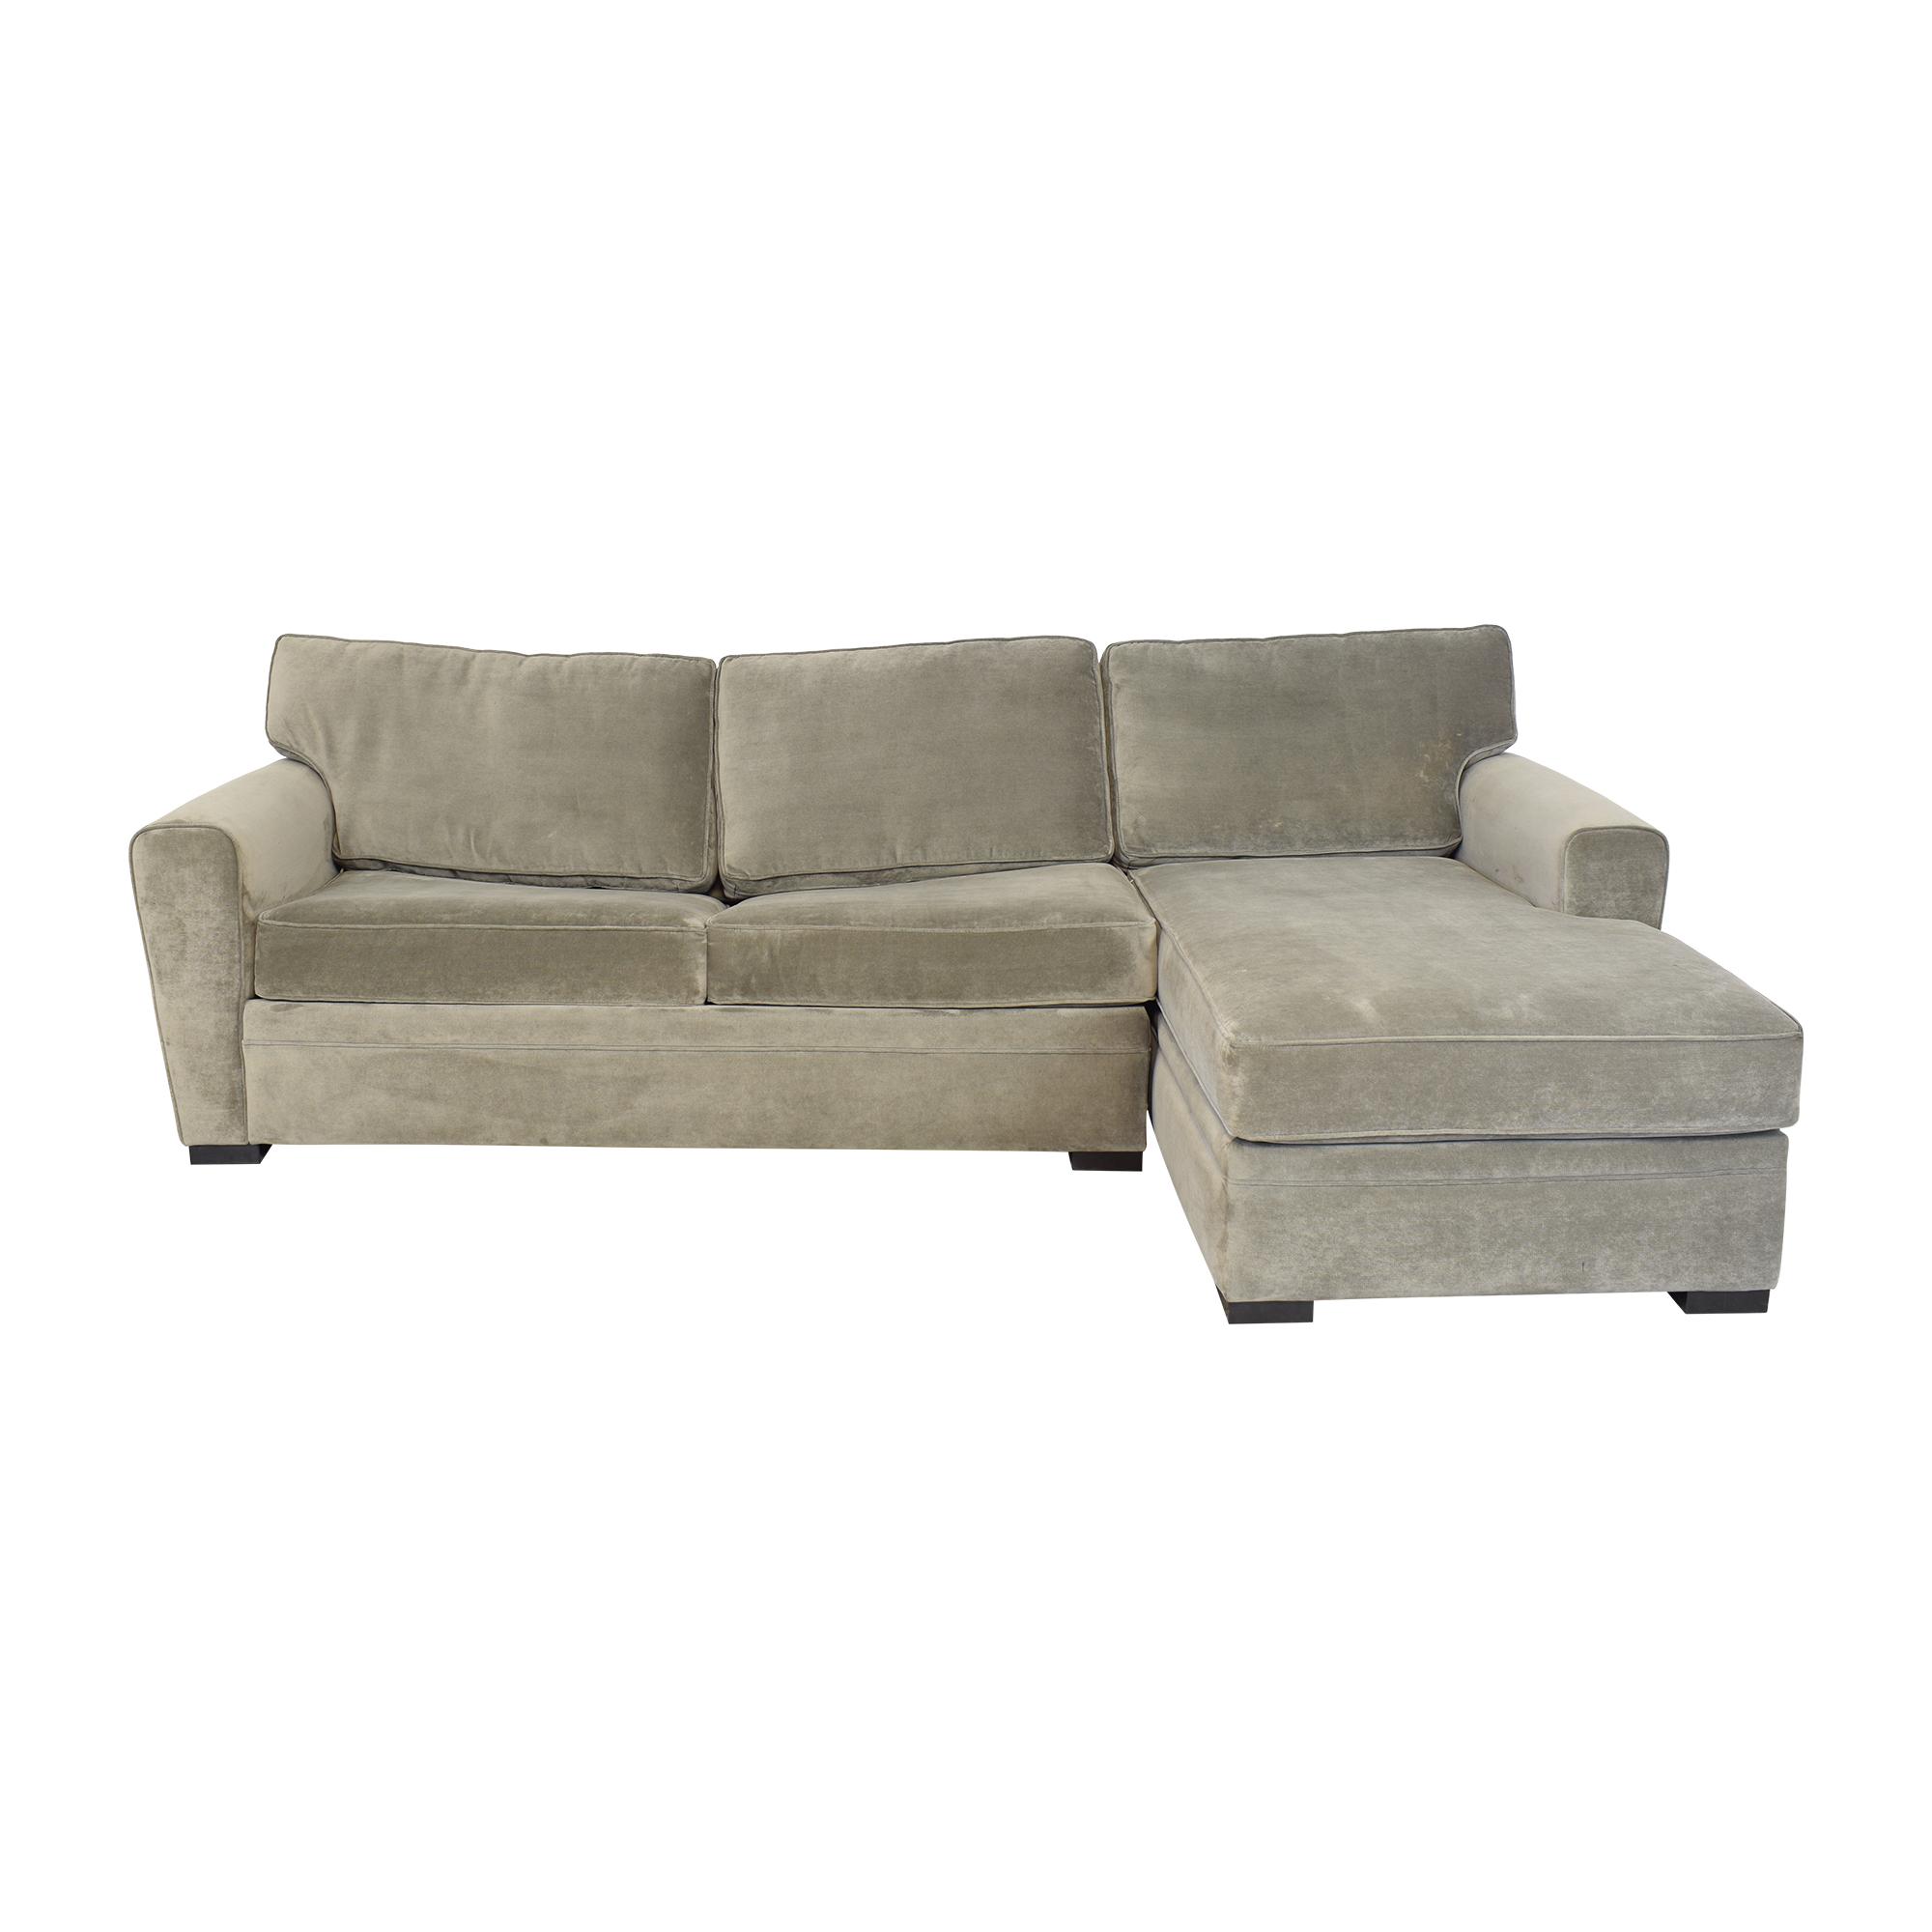 shop Raymour & Flanigan Artemis II Sectional Sofa with Sleeper Raymour & Flanigan Sectionals